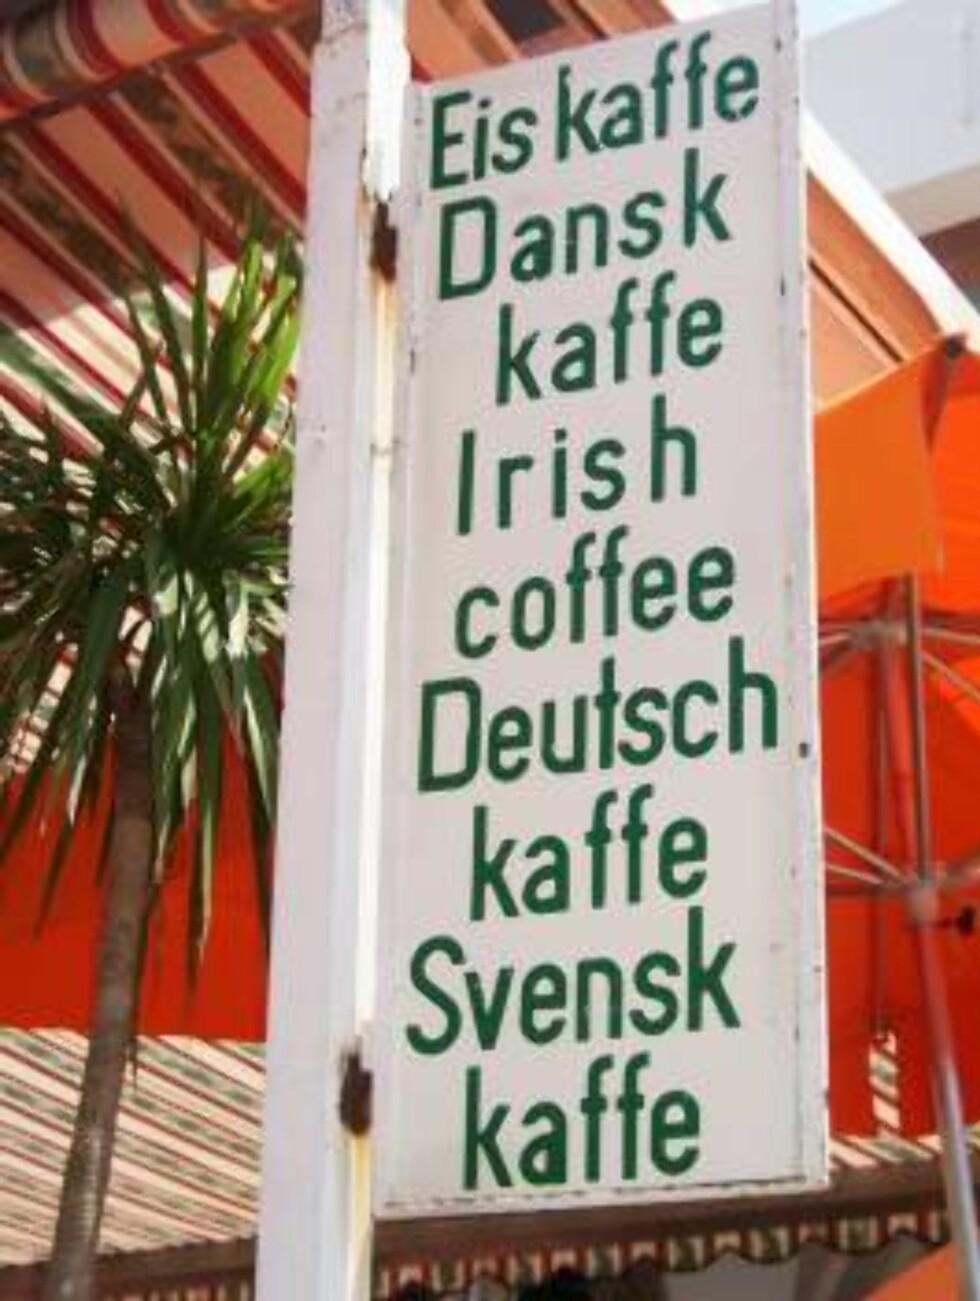 HVAFFORNO? Vi er litt usikre på hva svensk, dansk og tysk kaffe er, men dette skiltet finner du i Anacapri hvis du er nysgjerrig. Foto: Helle Øder Valebrokk